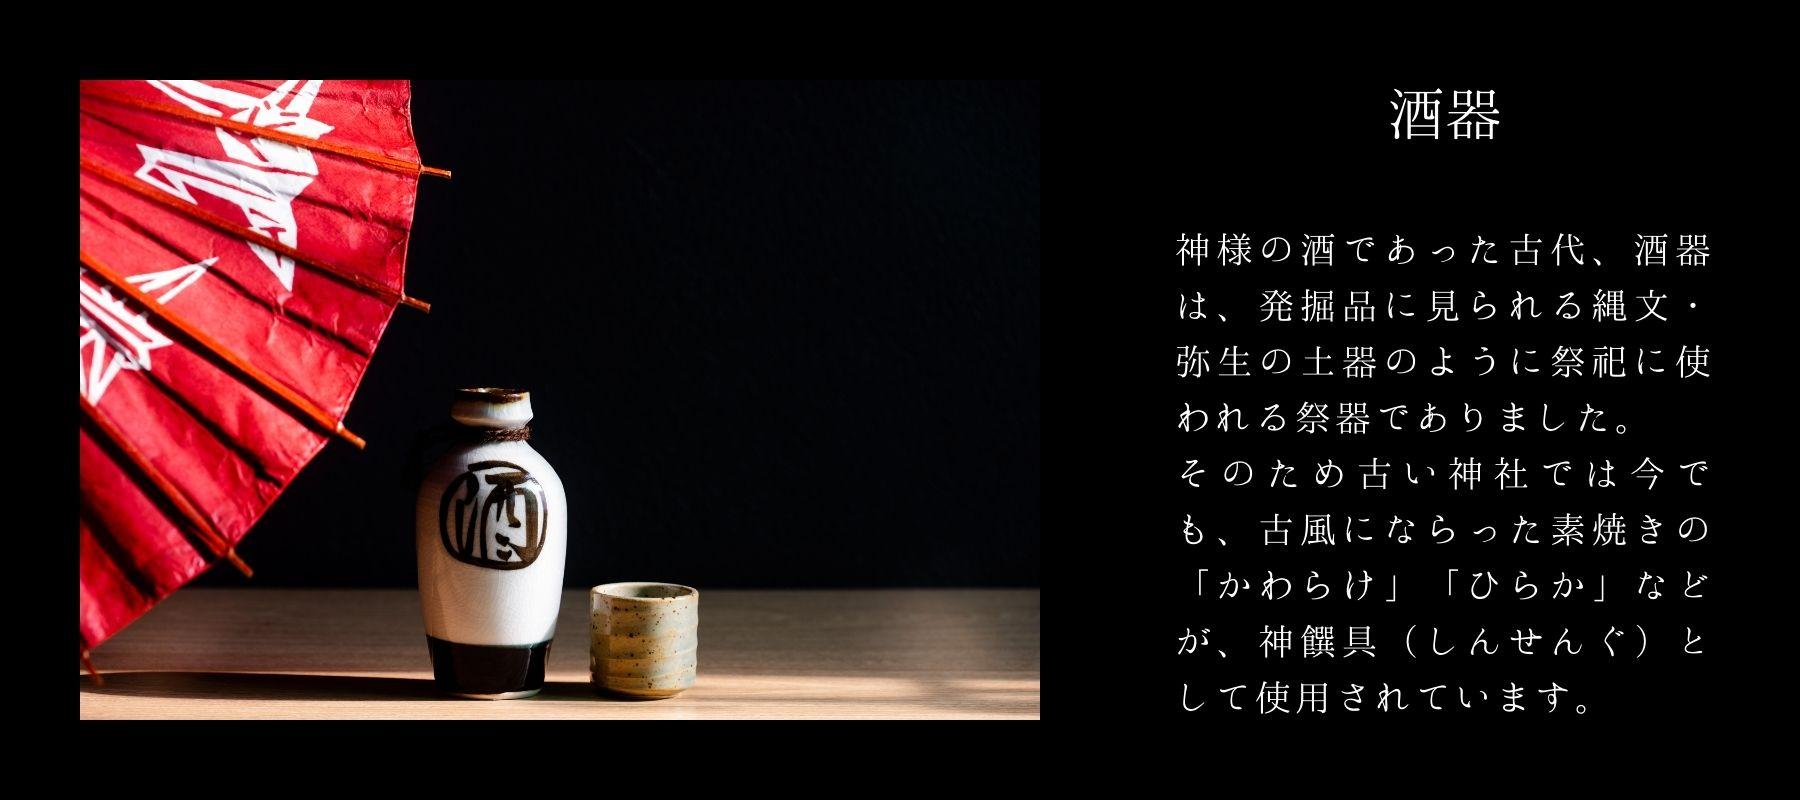 日本酒文化応援サイト JAPANESE SAKE 倶楽部 日本酒と酒器の関係